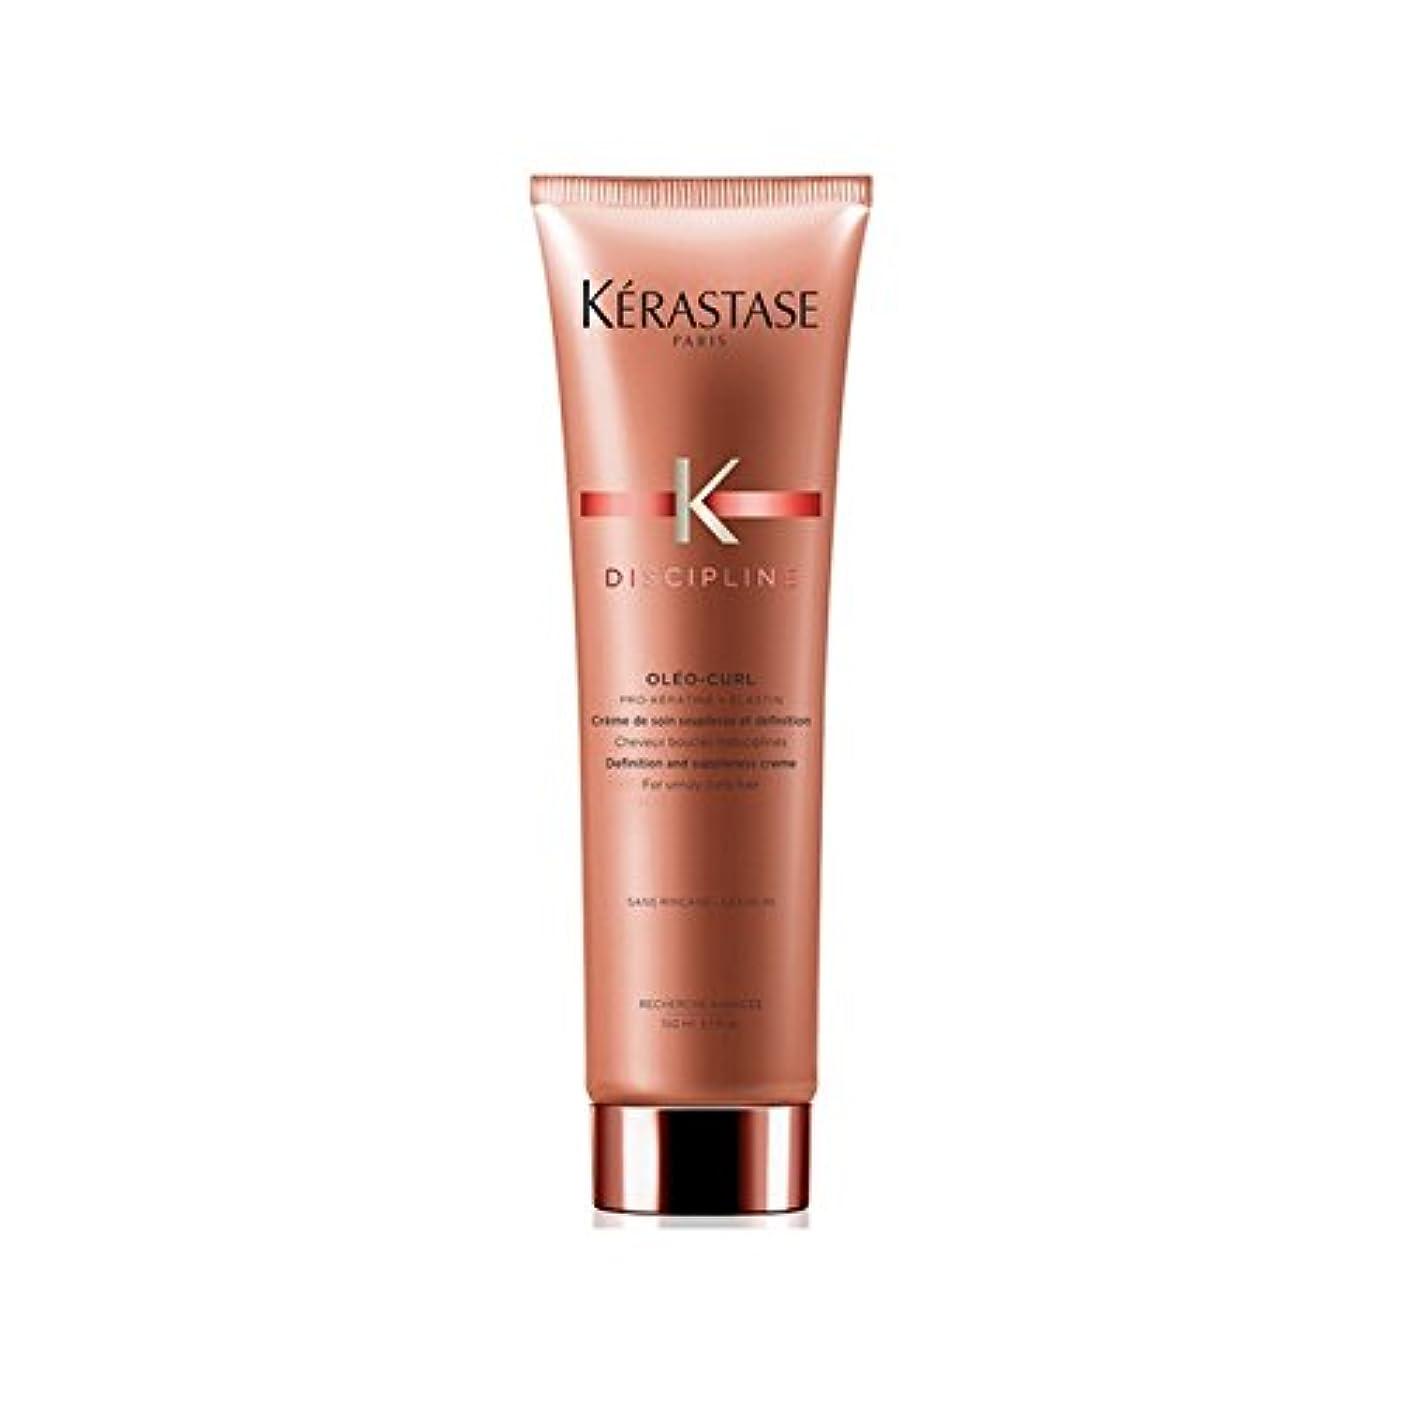 スチュワーデスベンチ美容師K?rastase Discipline Curl Ideal Cleansing Conditioner 400ml (Pack of 6) - 理想的なクレンジングコンディショナー400ミリリットルカールケラスターゼ...